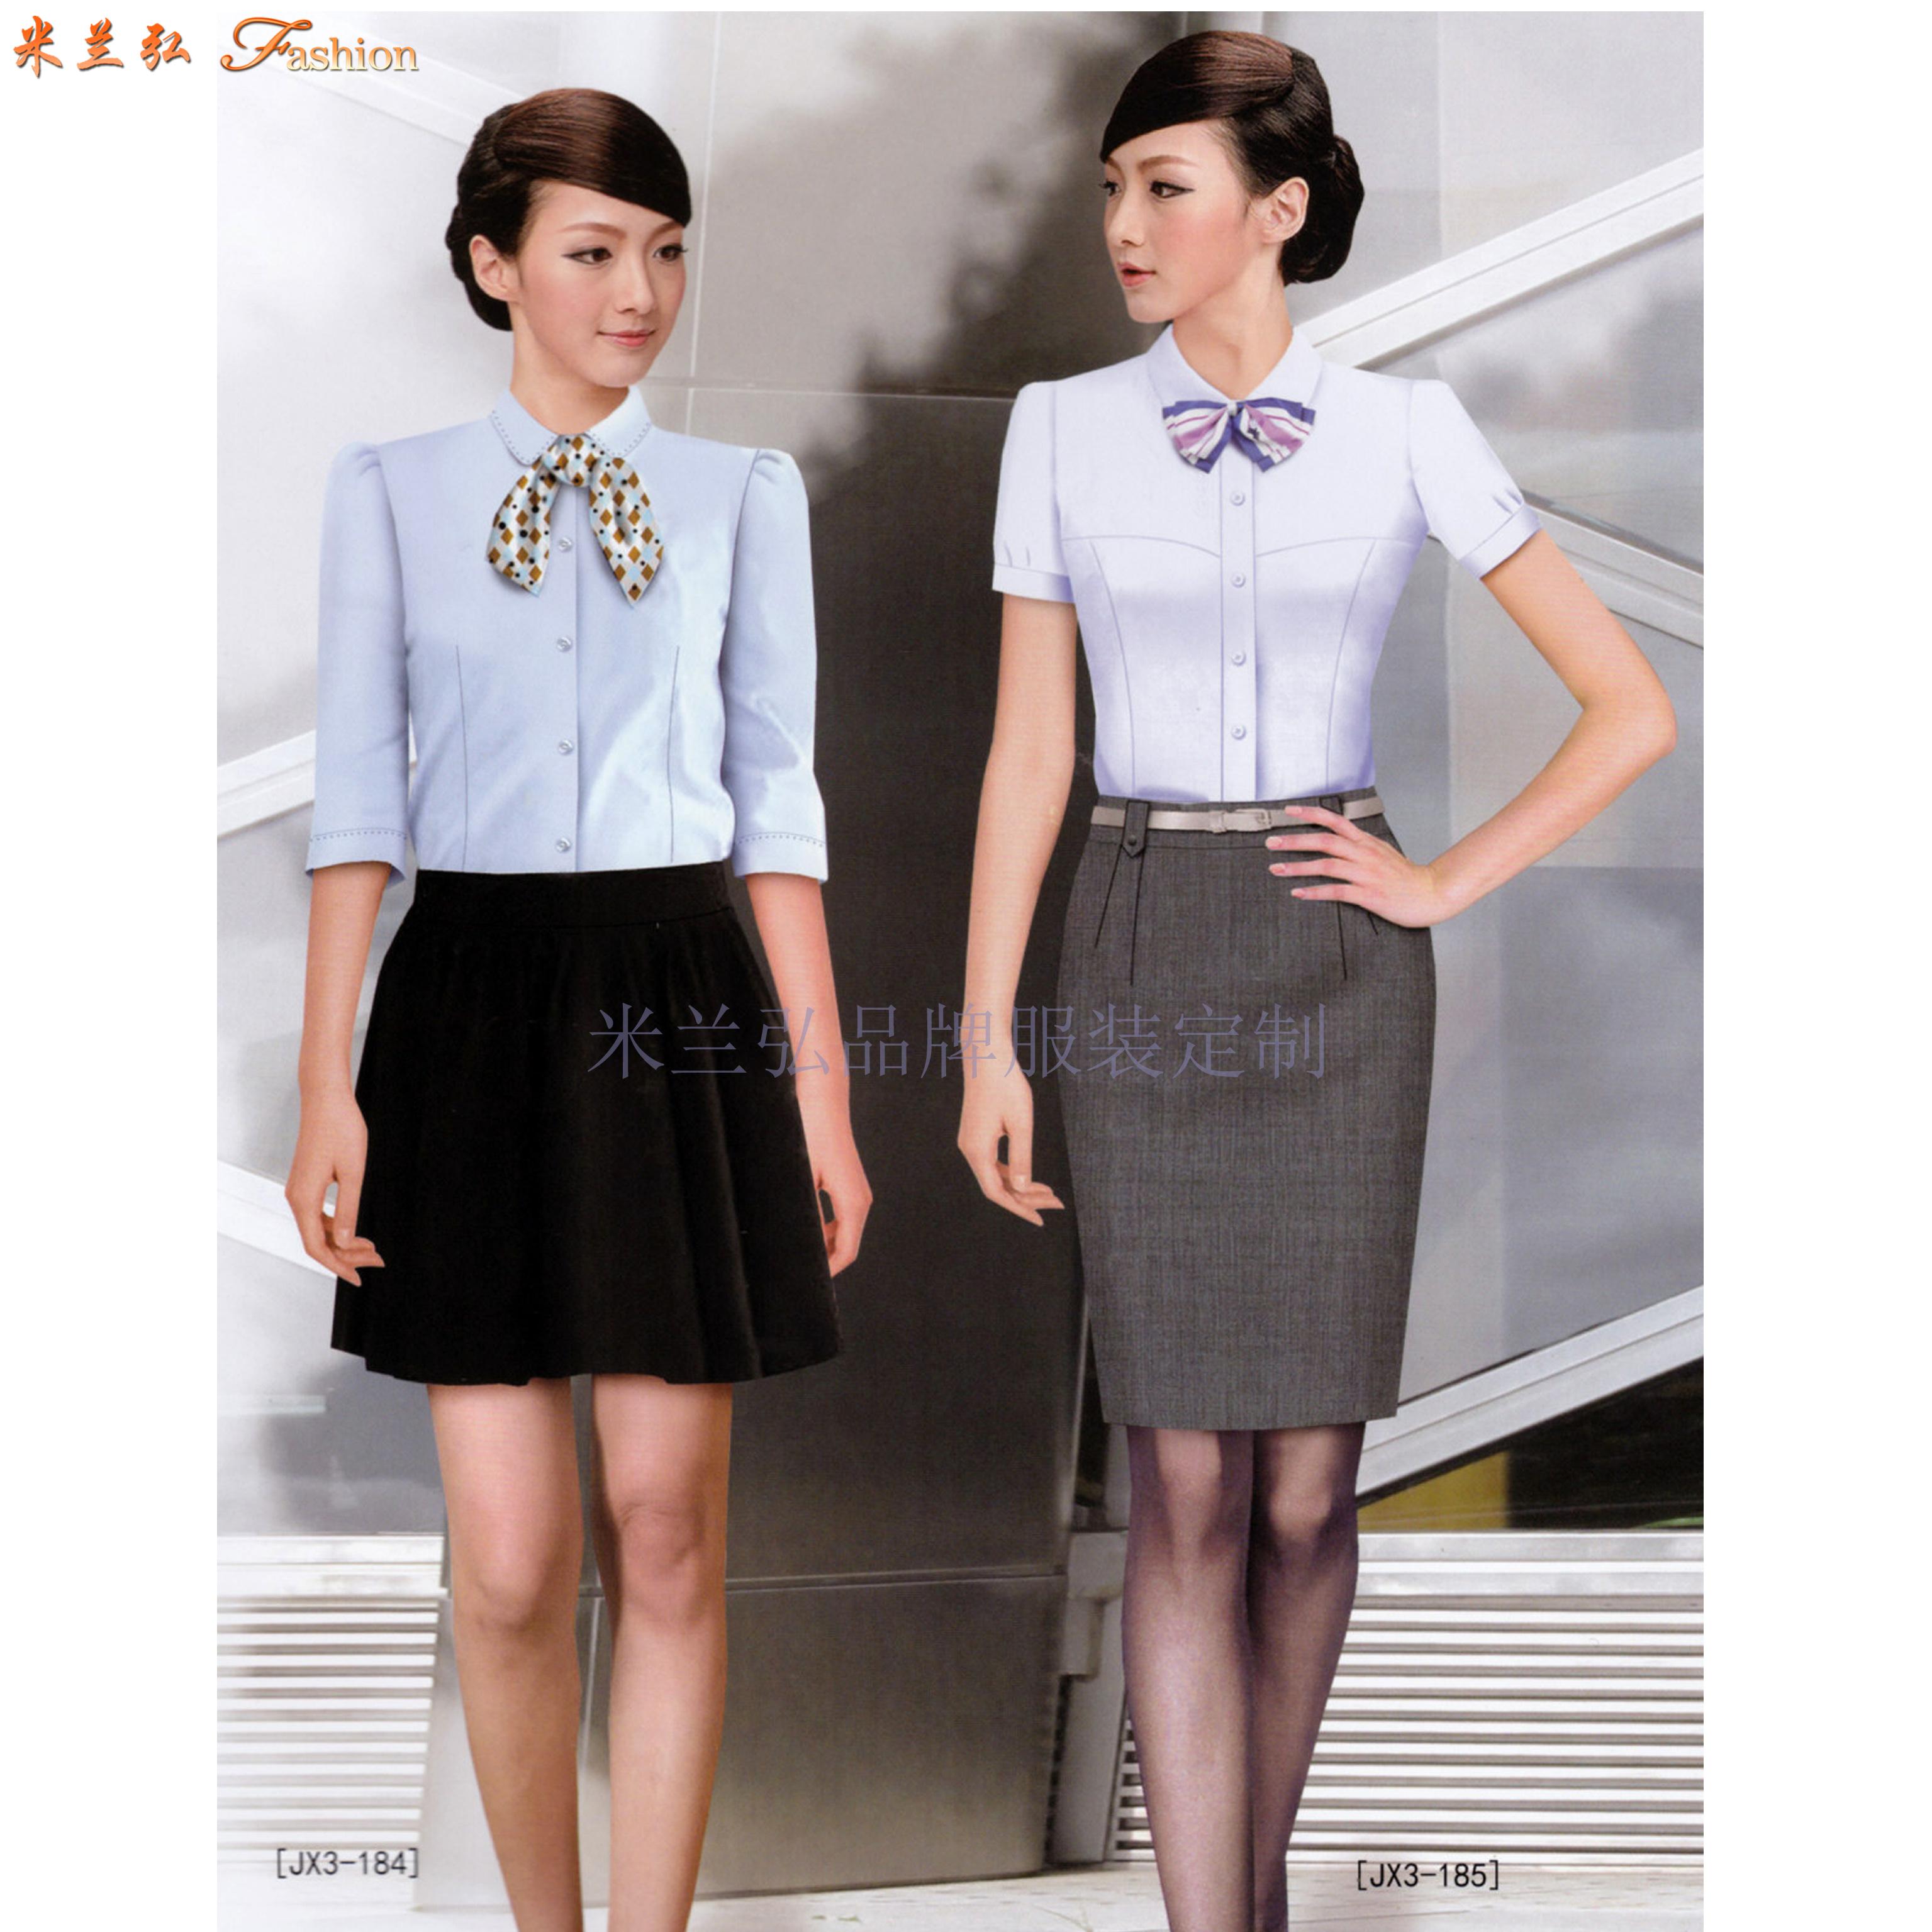 「高级衬衫定制」「私人衬衫定做」品牌衬衫订制厂家-米兰弘-1